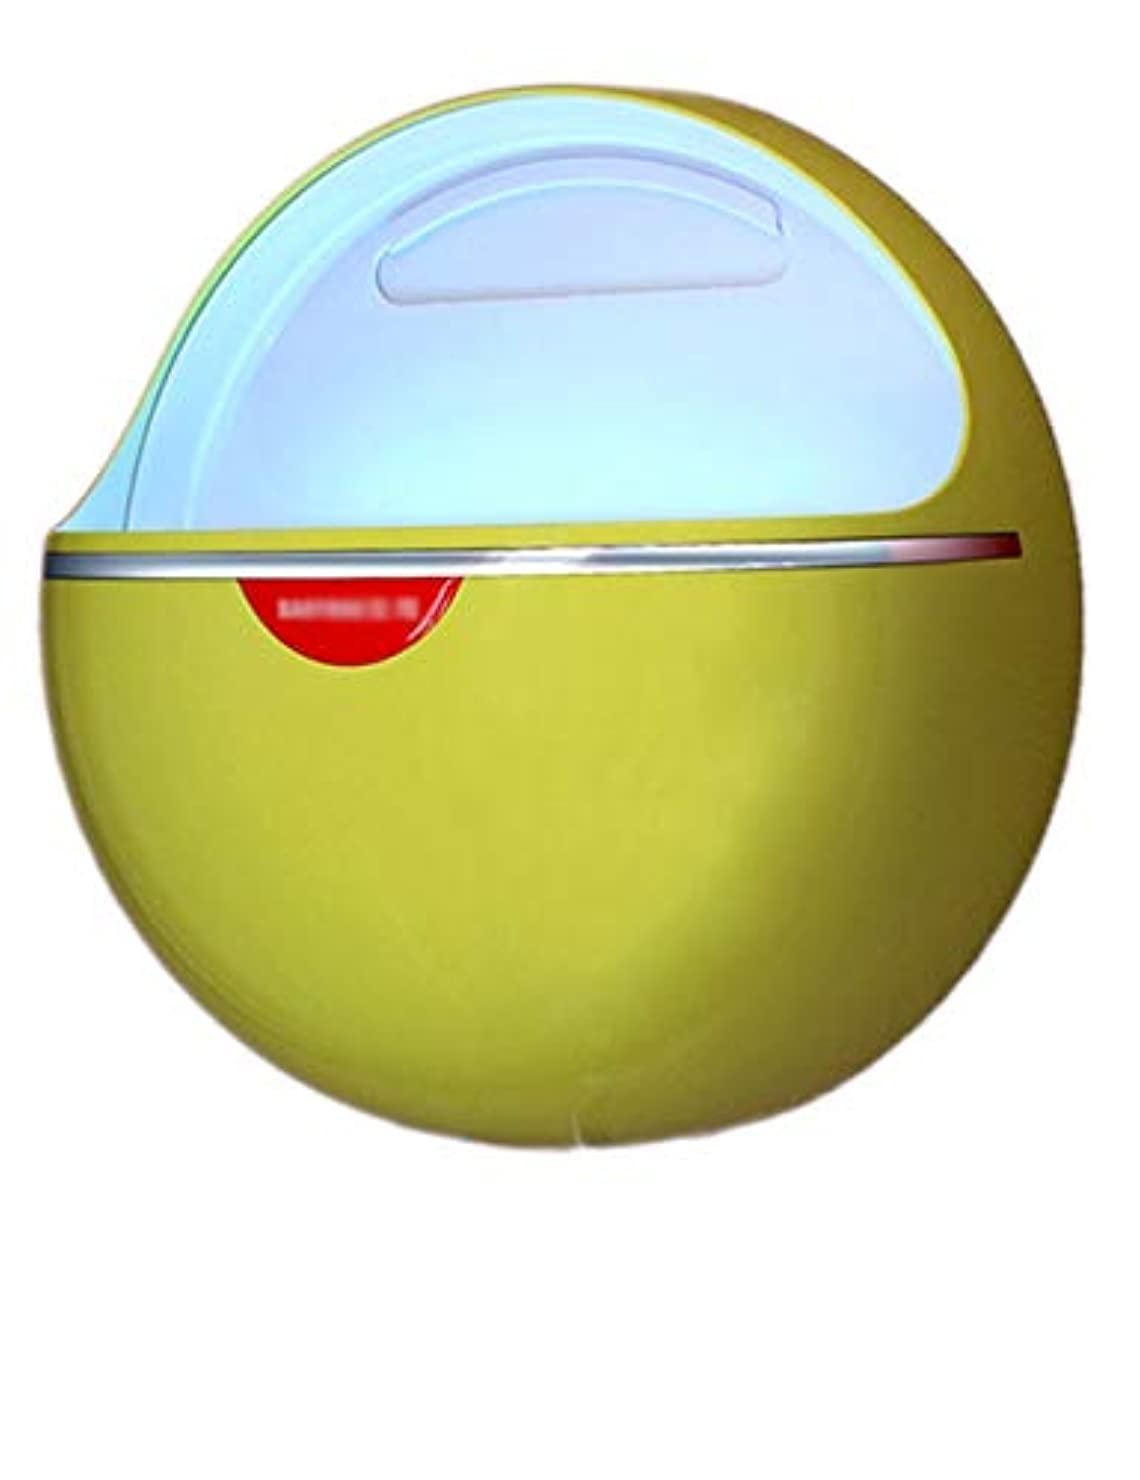 ブラウザ海洋の分注する昆虫ランプレストラン蚊ランプ壁掛け蚊蚊アーティファクトアイプロテクション省エネランプミュート蚊ランプ (Color : Green)